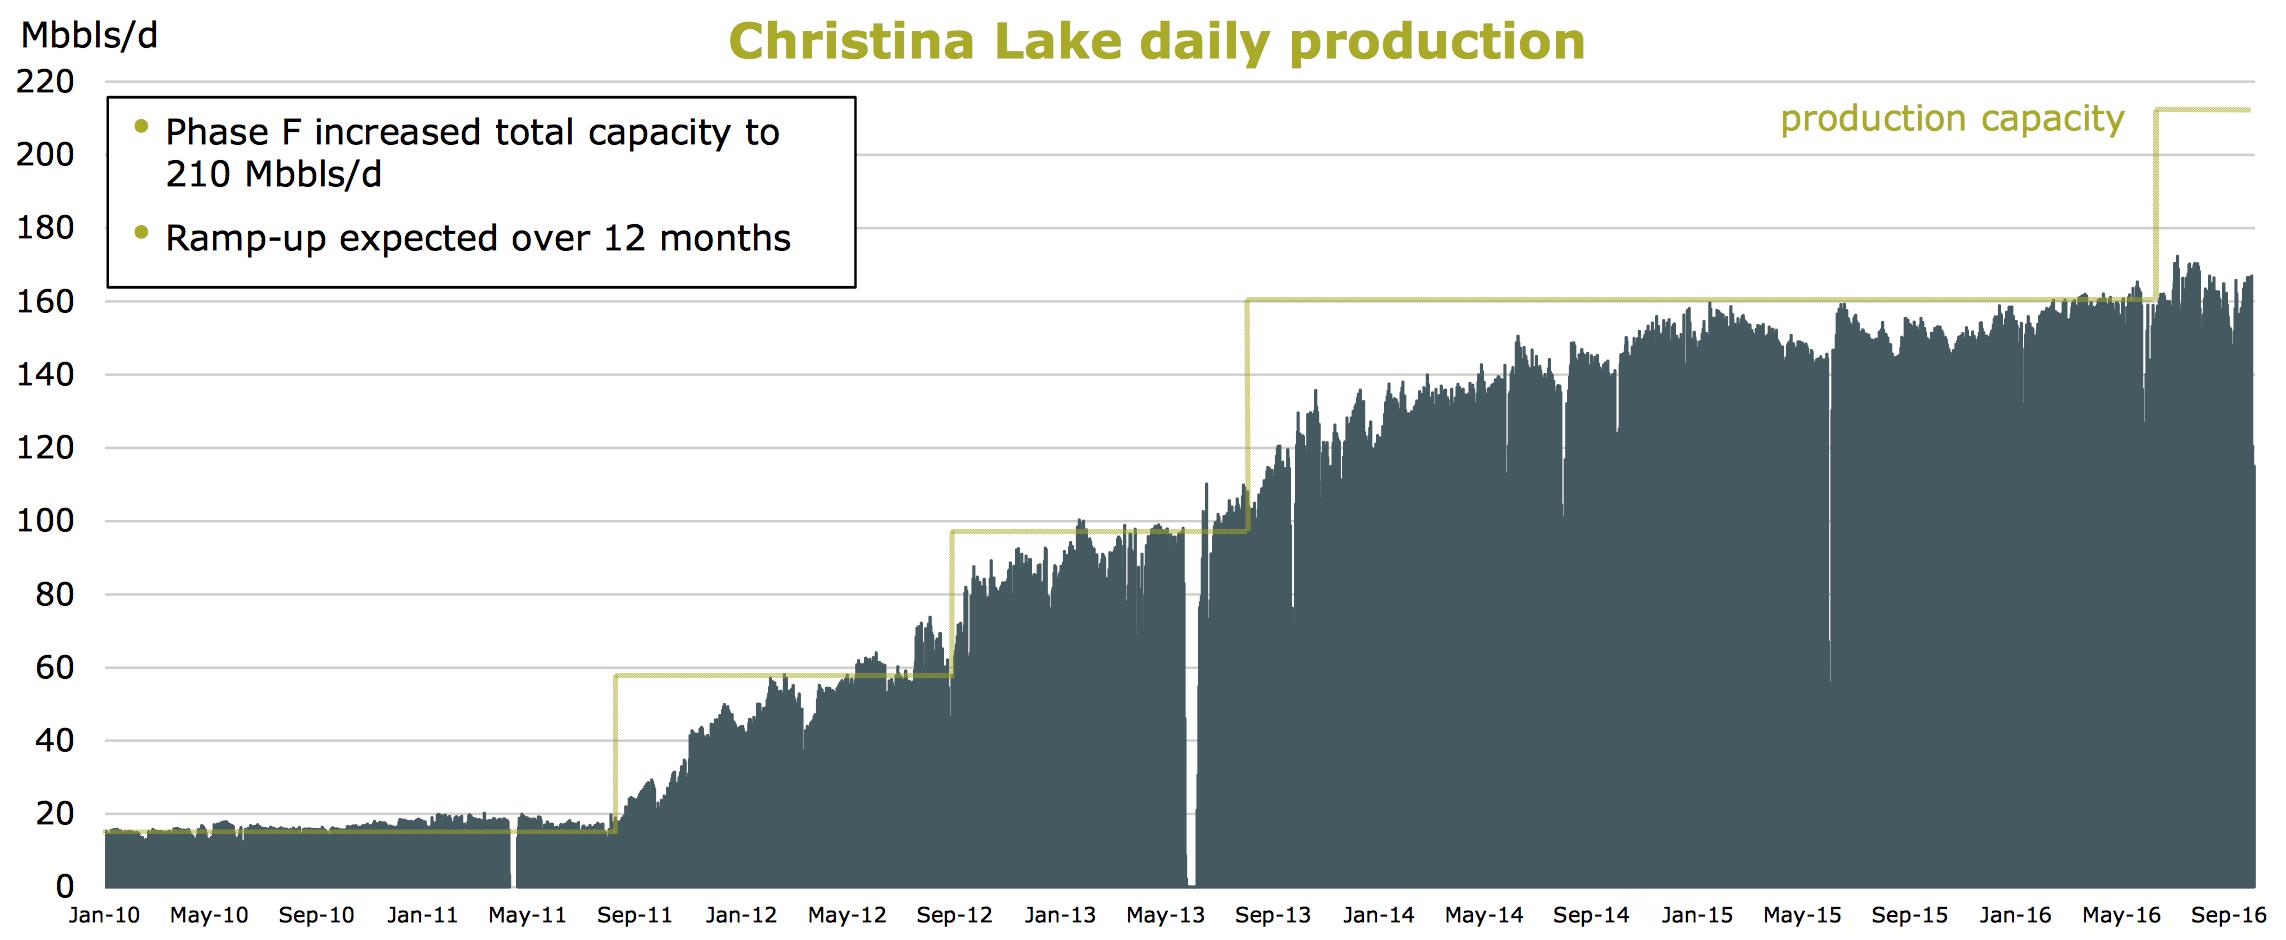 CHRISTINA LAKE PRODUCTION PROFILE (COURTESY CENOVUS ENERGY)